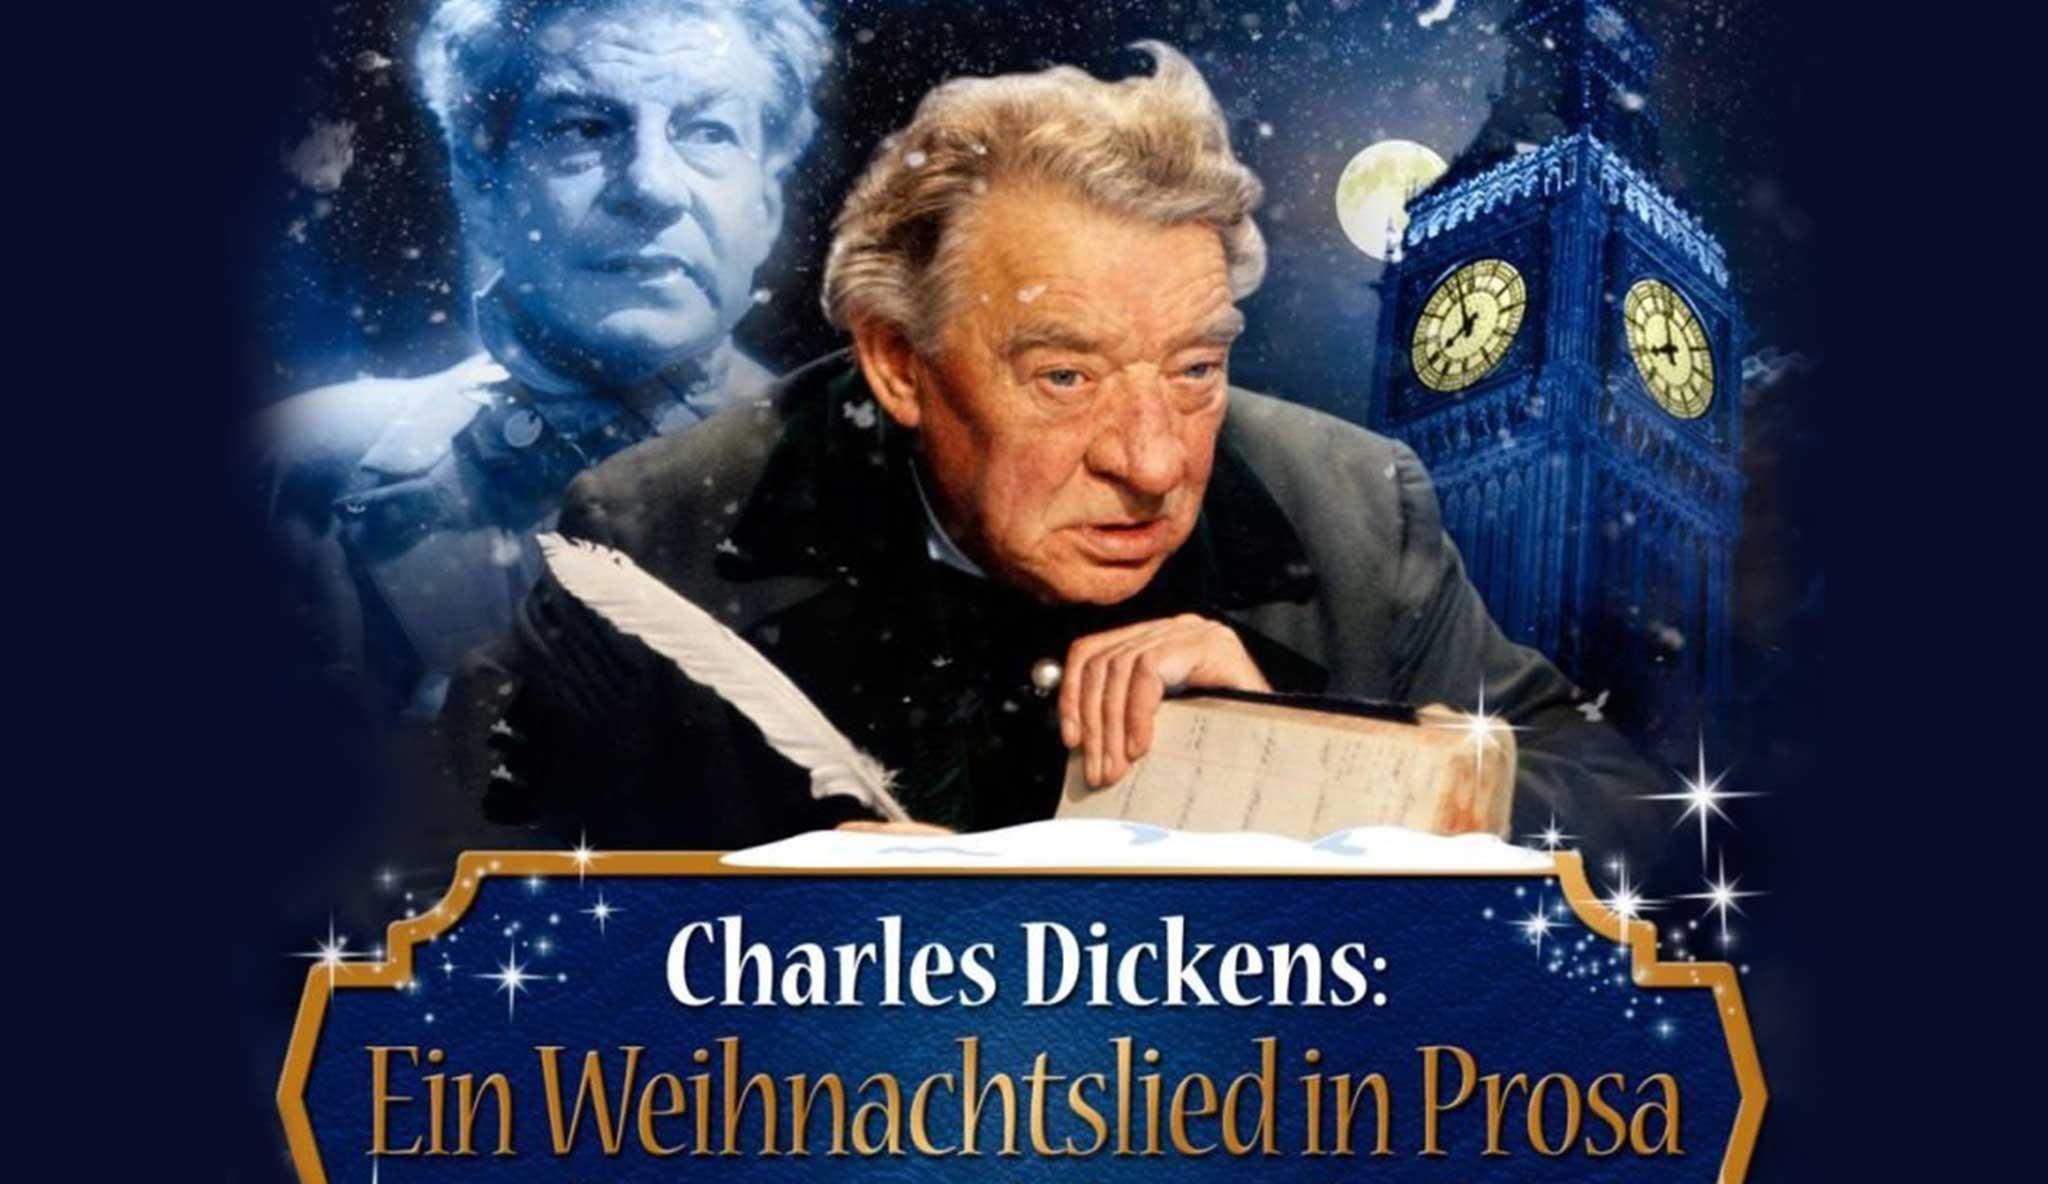 charles-dickens-ein-weihnachtslied-in-prosa-oder-eine-geistergeschichte-zum-christfest\header.jpg